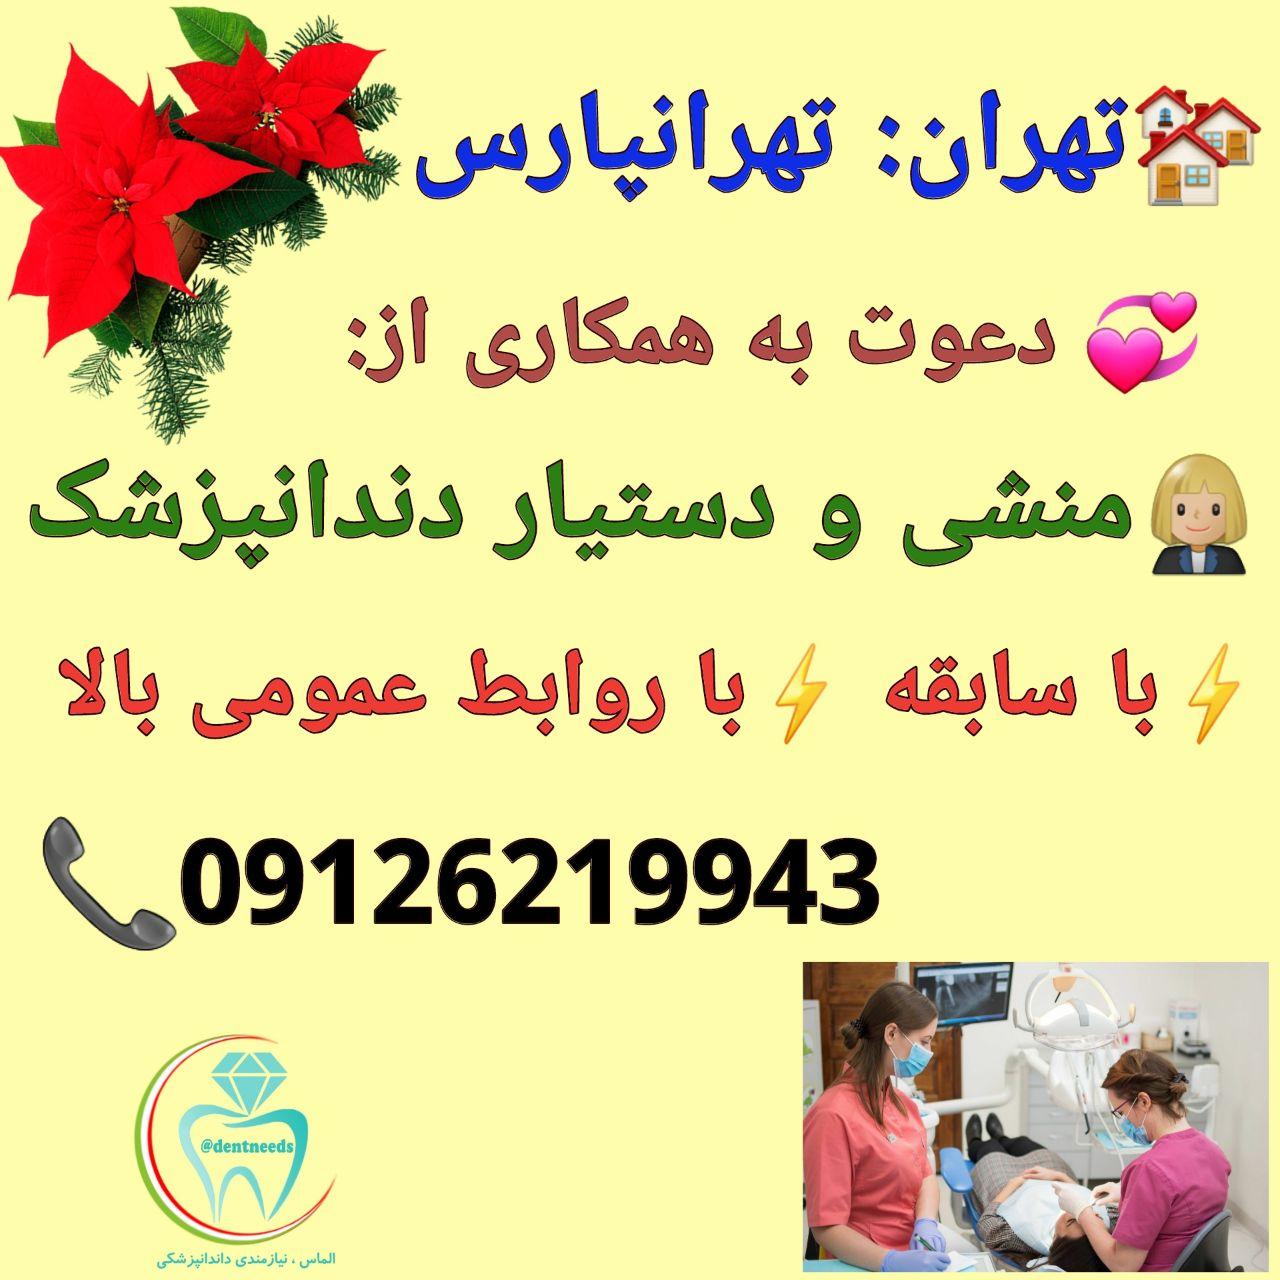 تهران: تهرانپارس، دعوت به همکاری از منشی و دستیار دندانپزشک